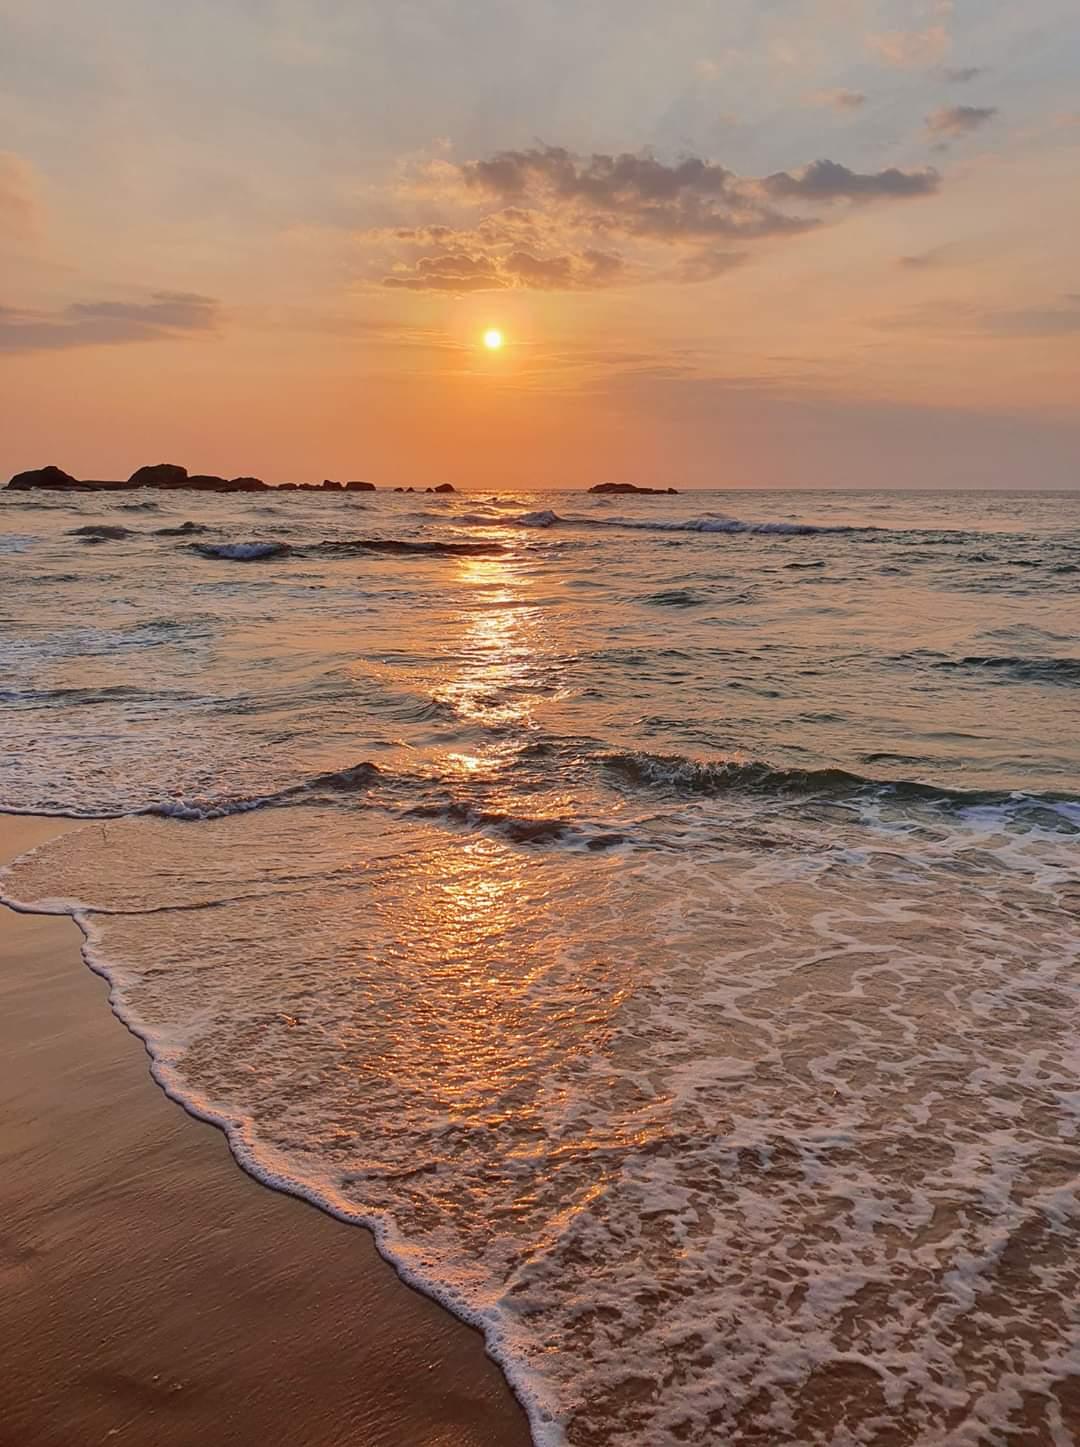 пляж на закате, Шри-Ланка